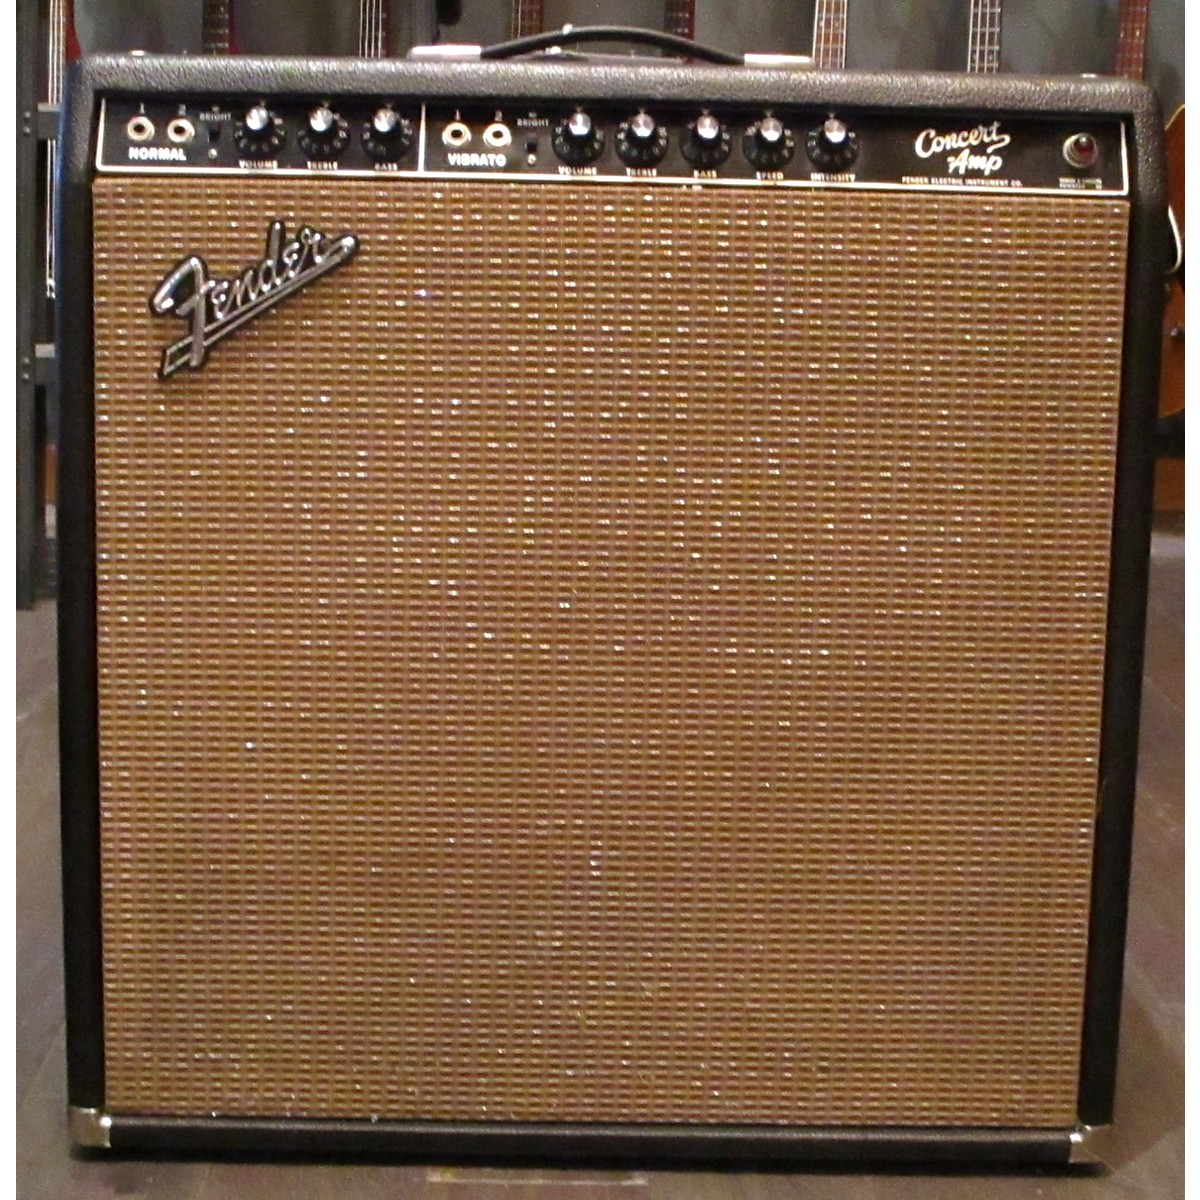 Fender 1964 CONCERT Tube Guitar Combo Amp